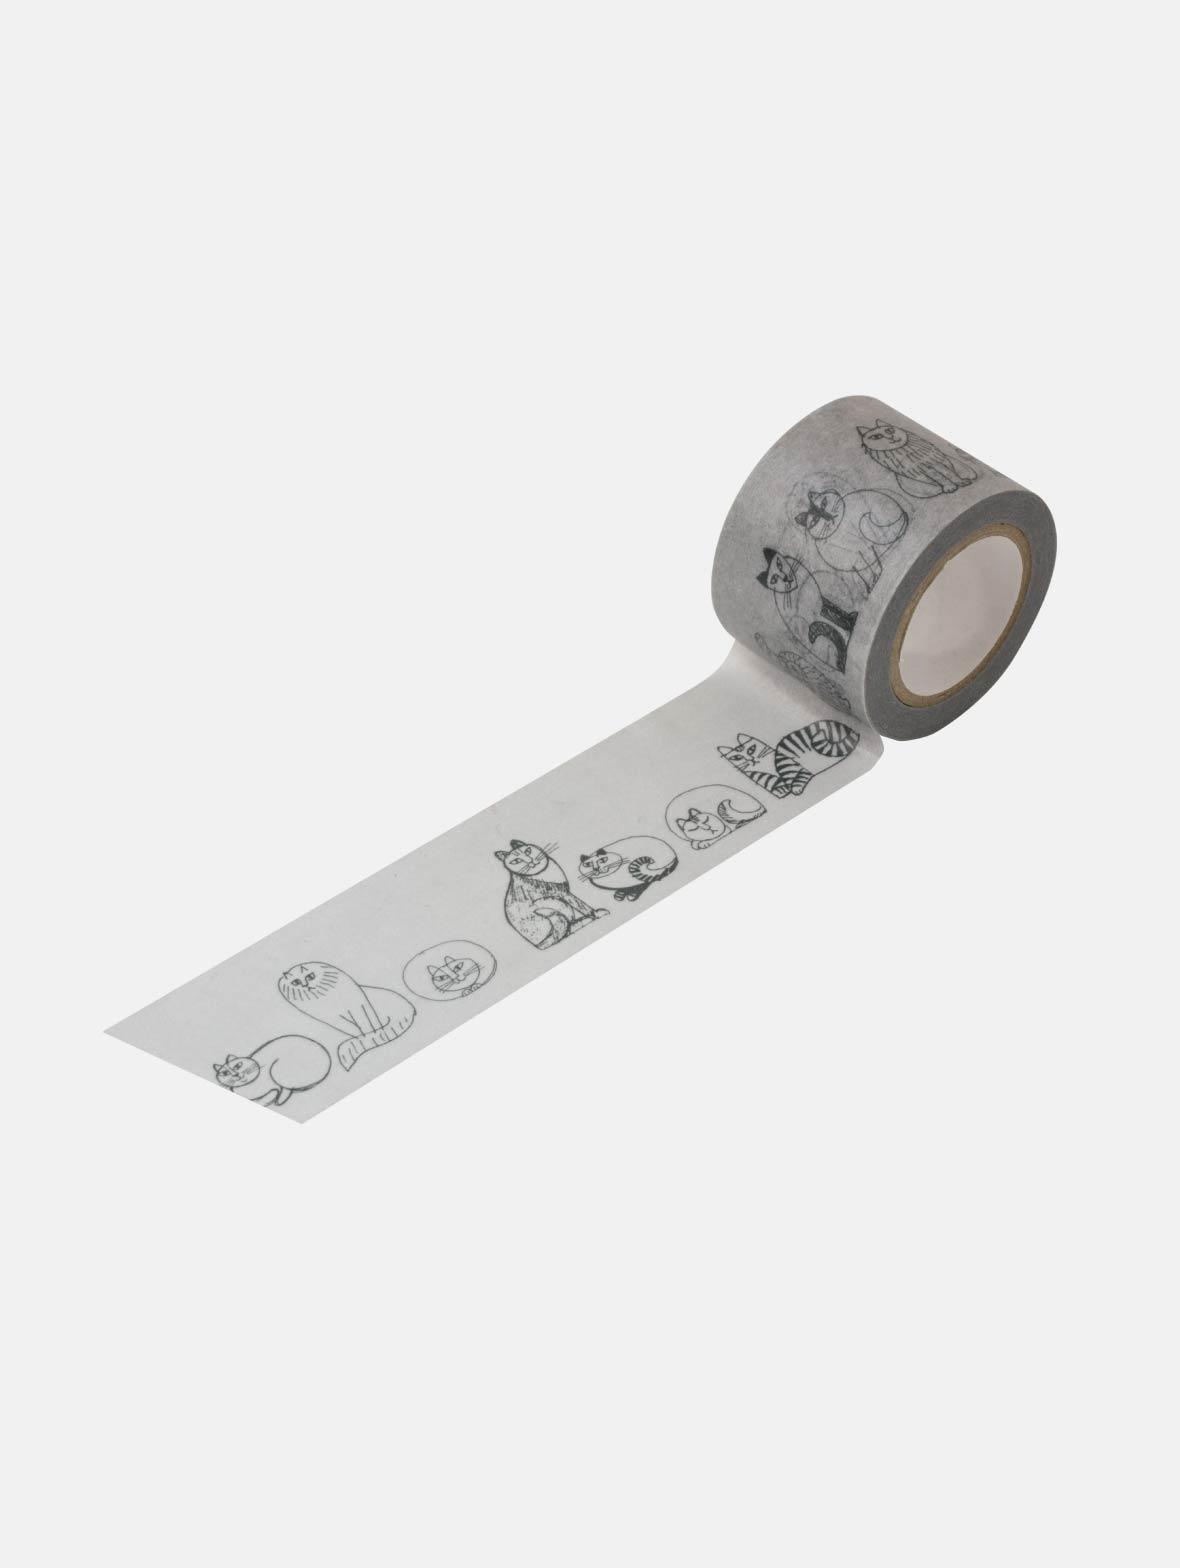 マスキングテープ(35mm・スケッチねこたち・グレー)